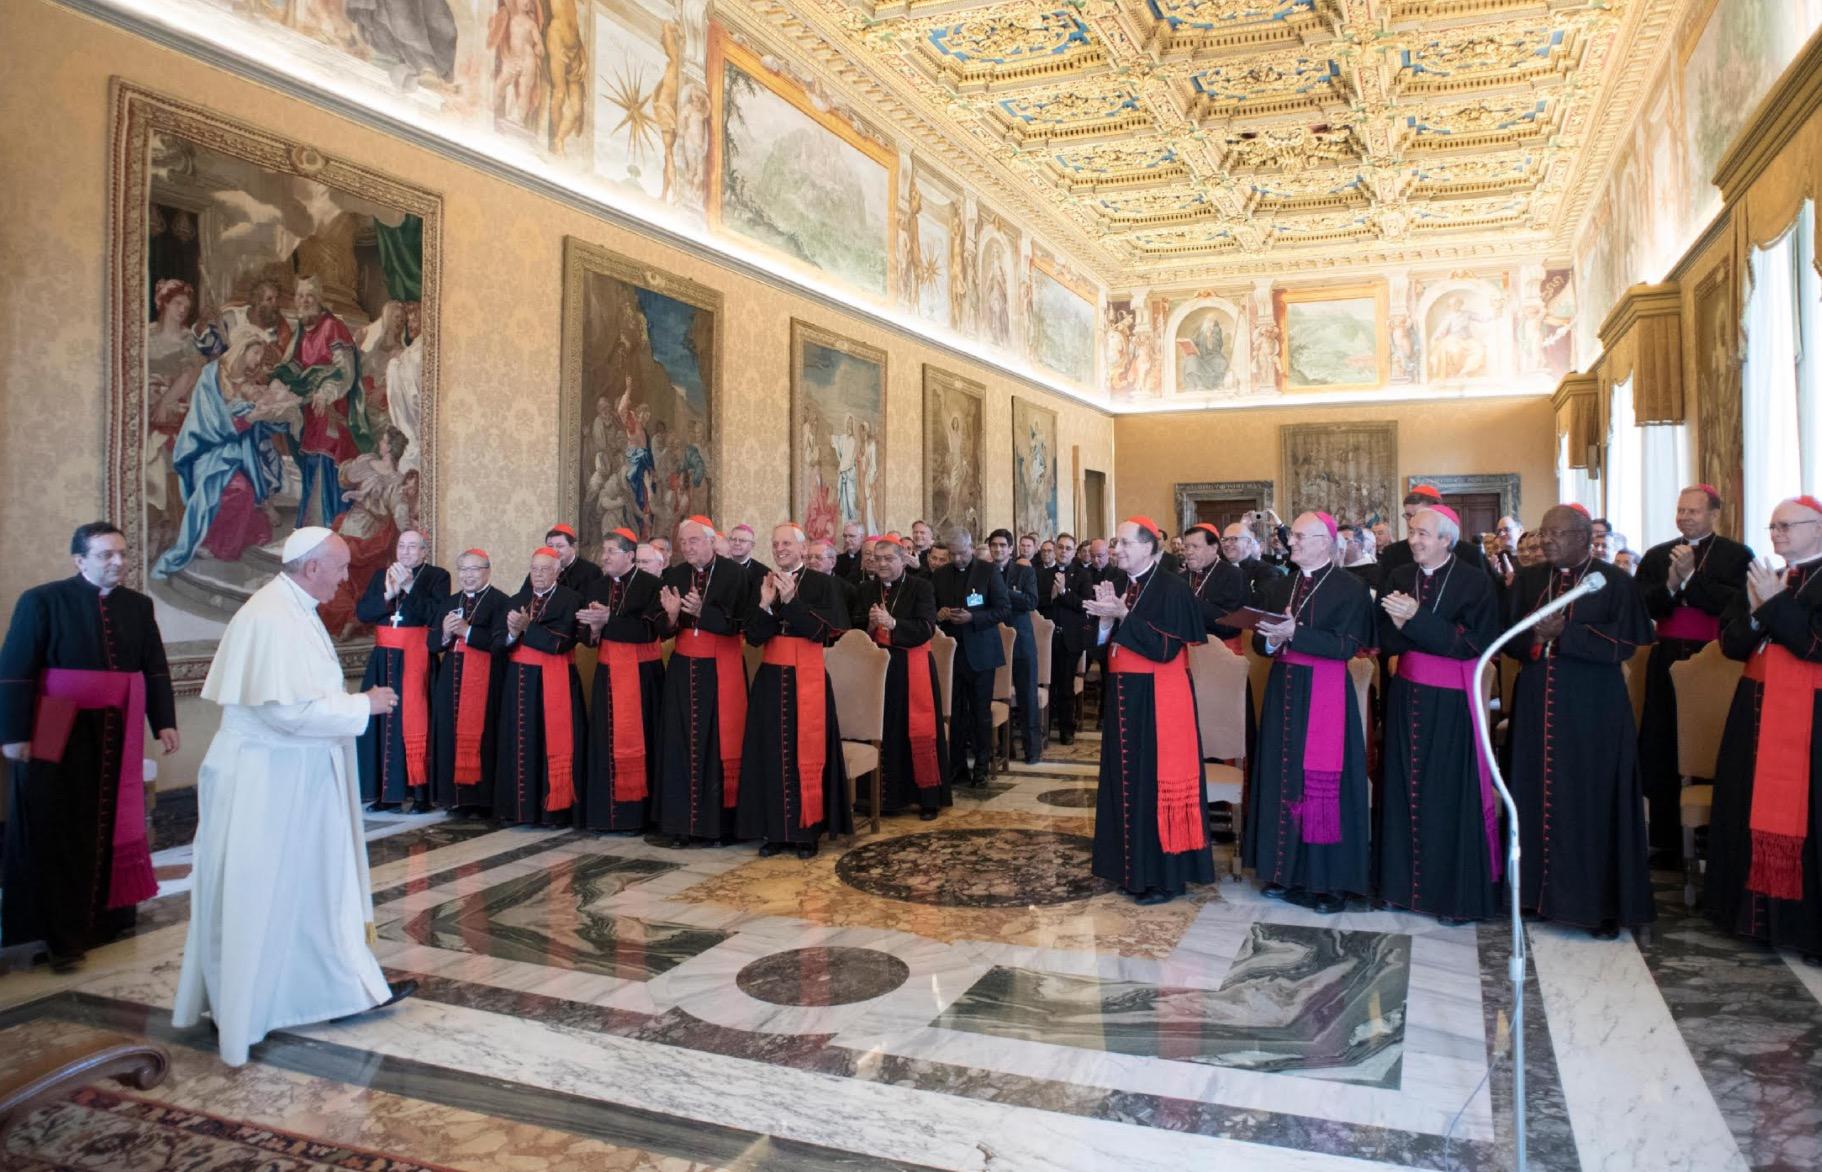 Papa con la Congregación para el Clero (Oss. © Romano)